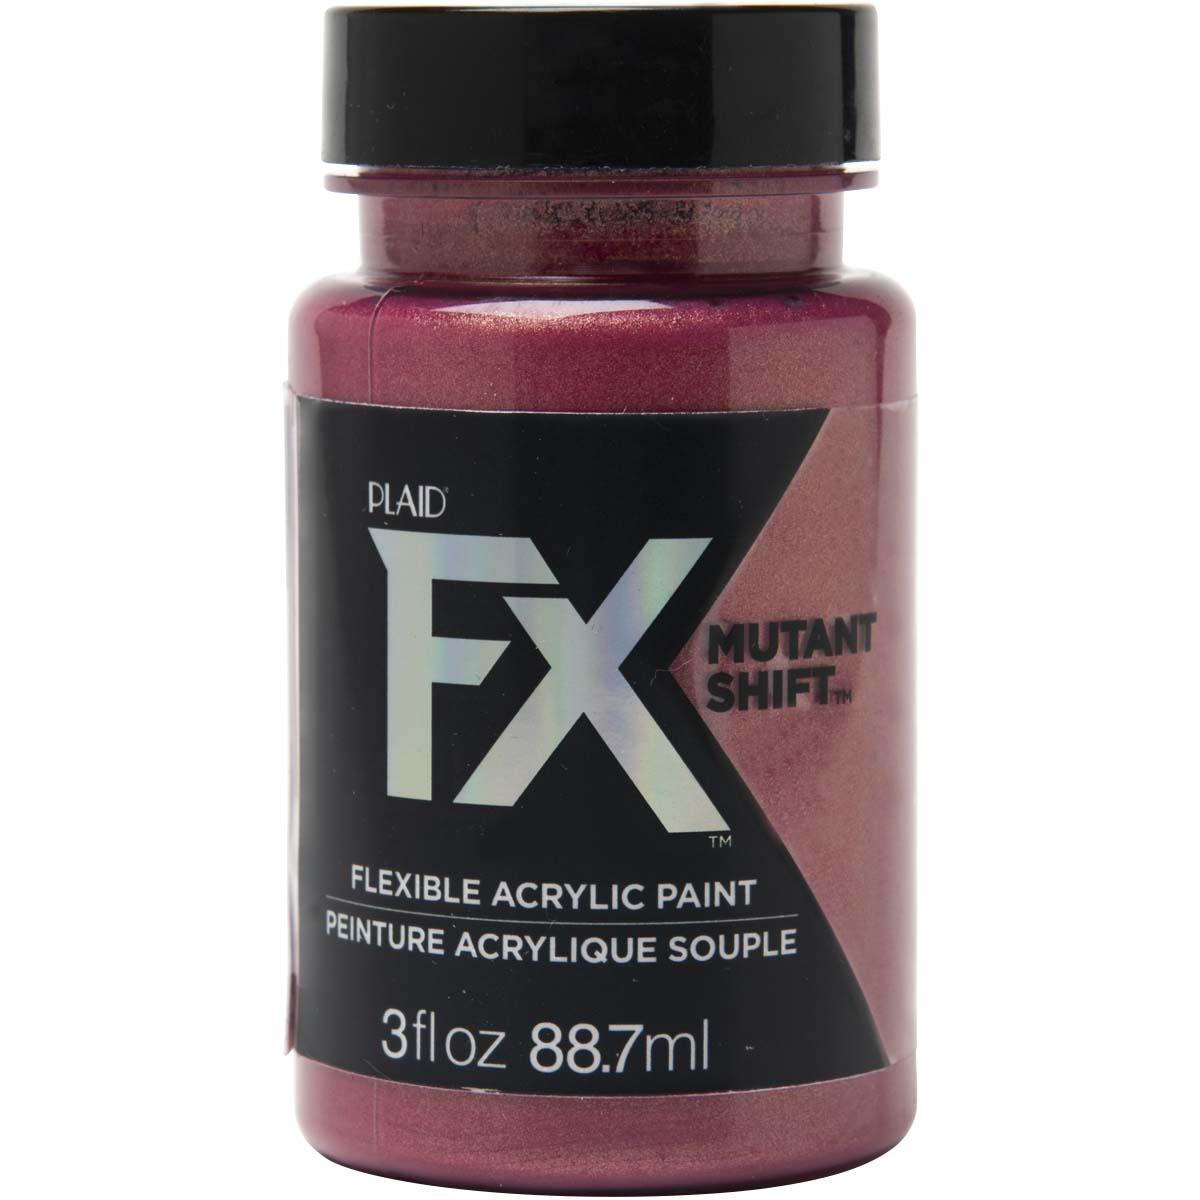 PlaidFX Mutant Shift Flexible Acrylic Paint - Infrared, 3 oz. - 36916